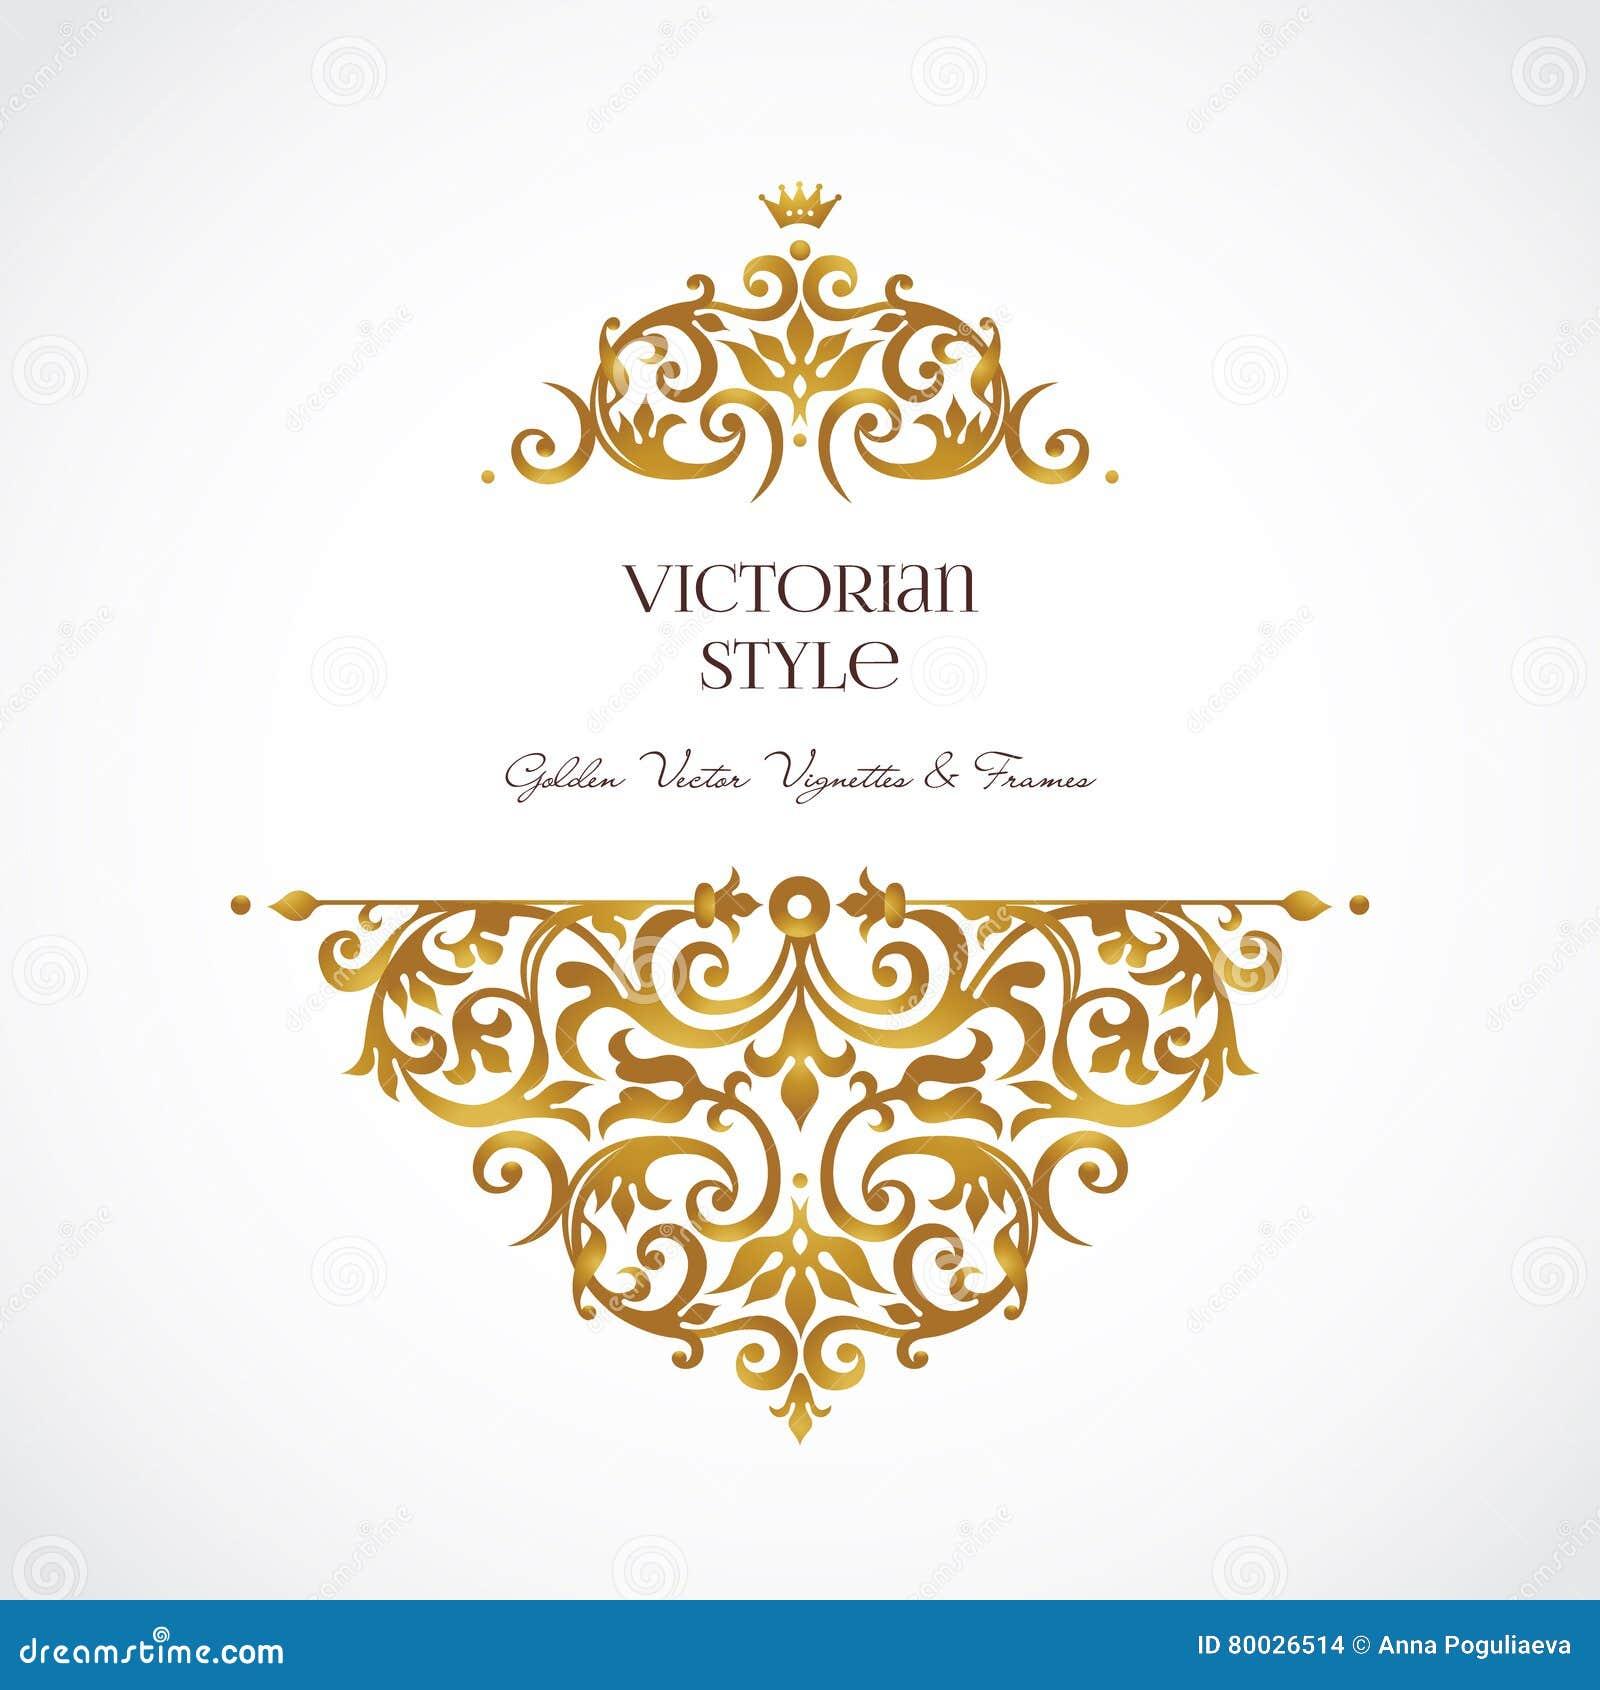 Goldene Vignetten Der Weinlese Im Viktorianischen Stil Vektor ...